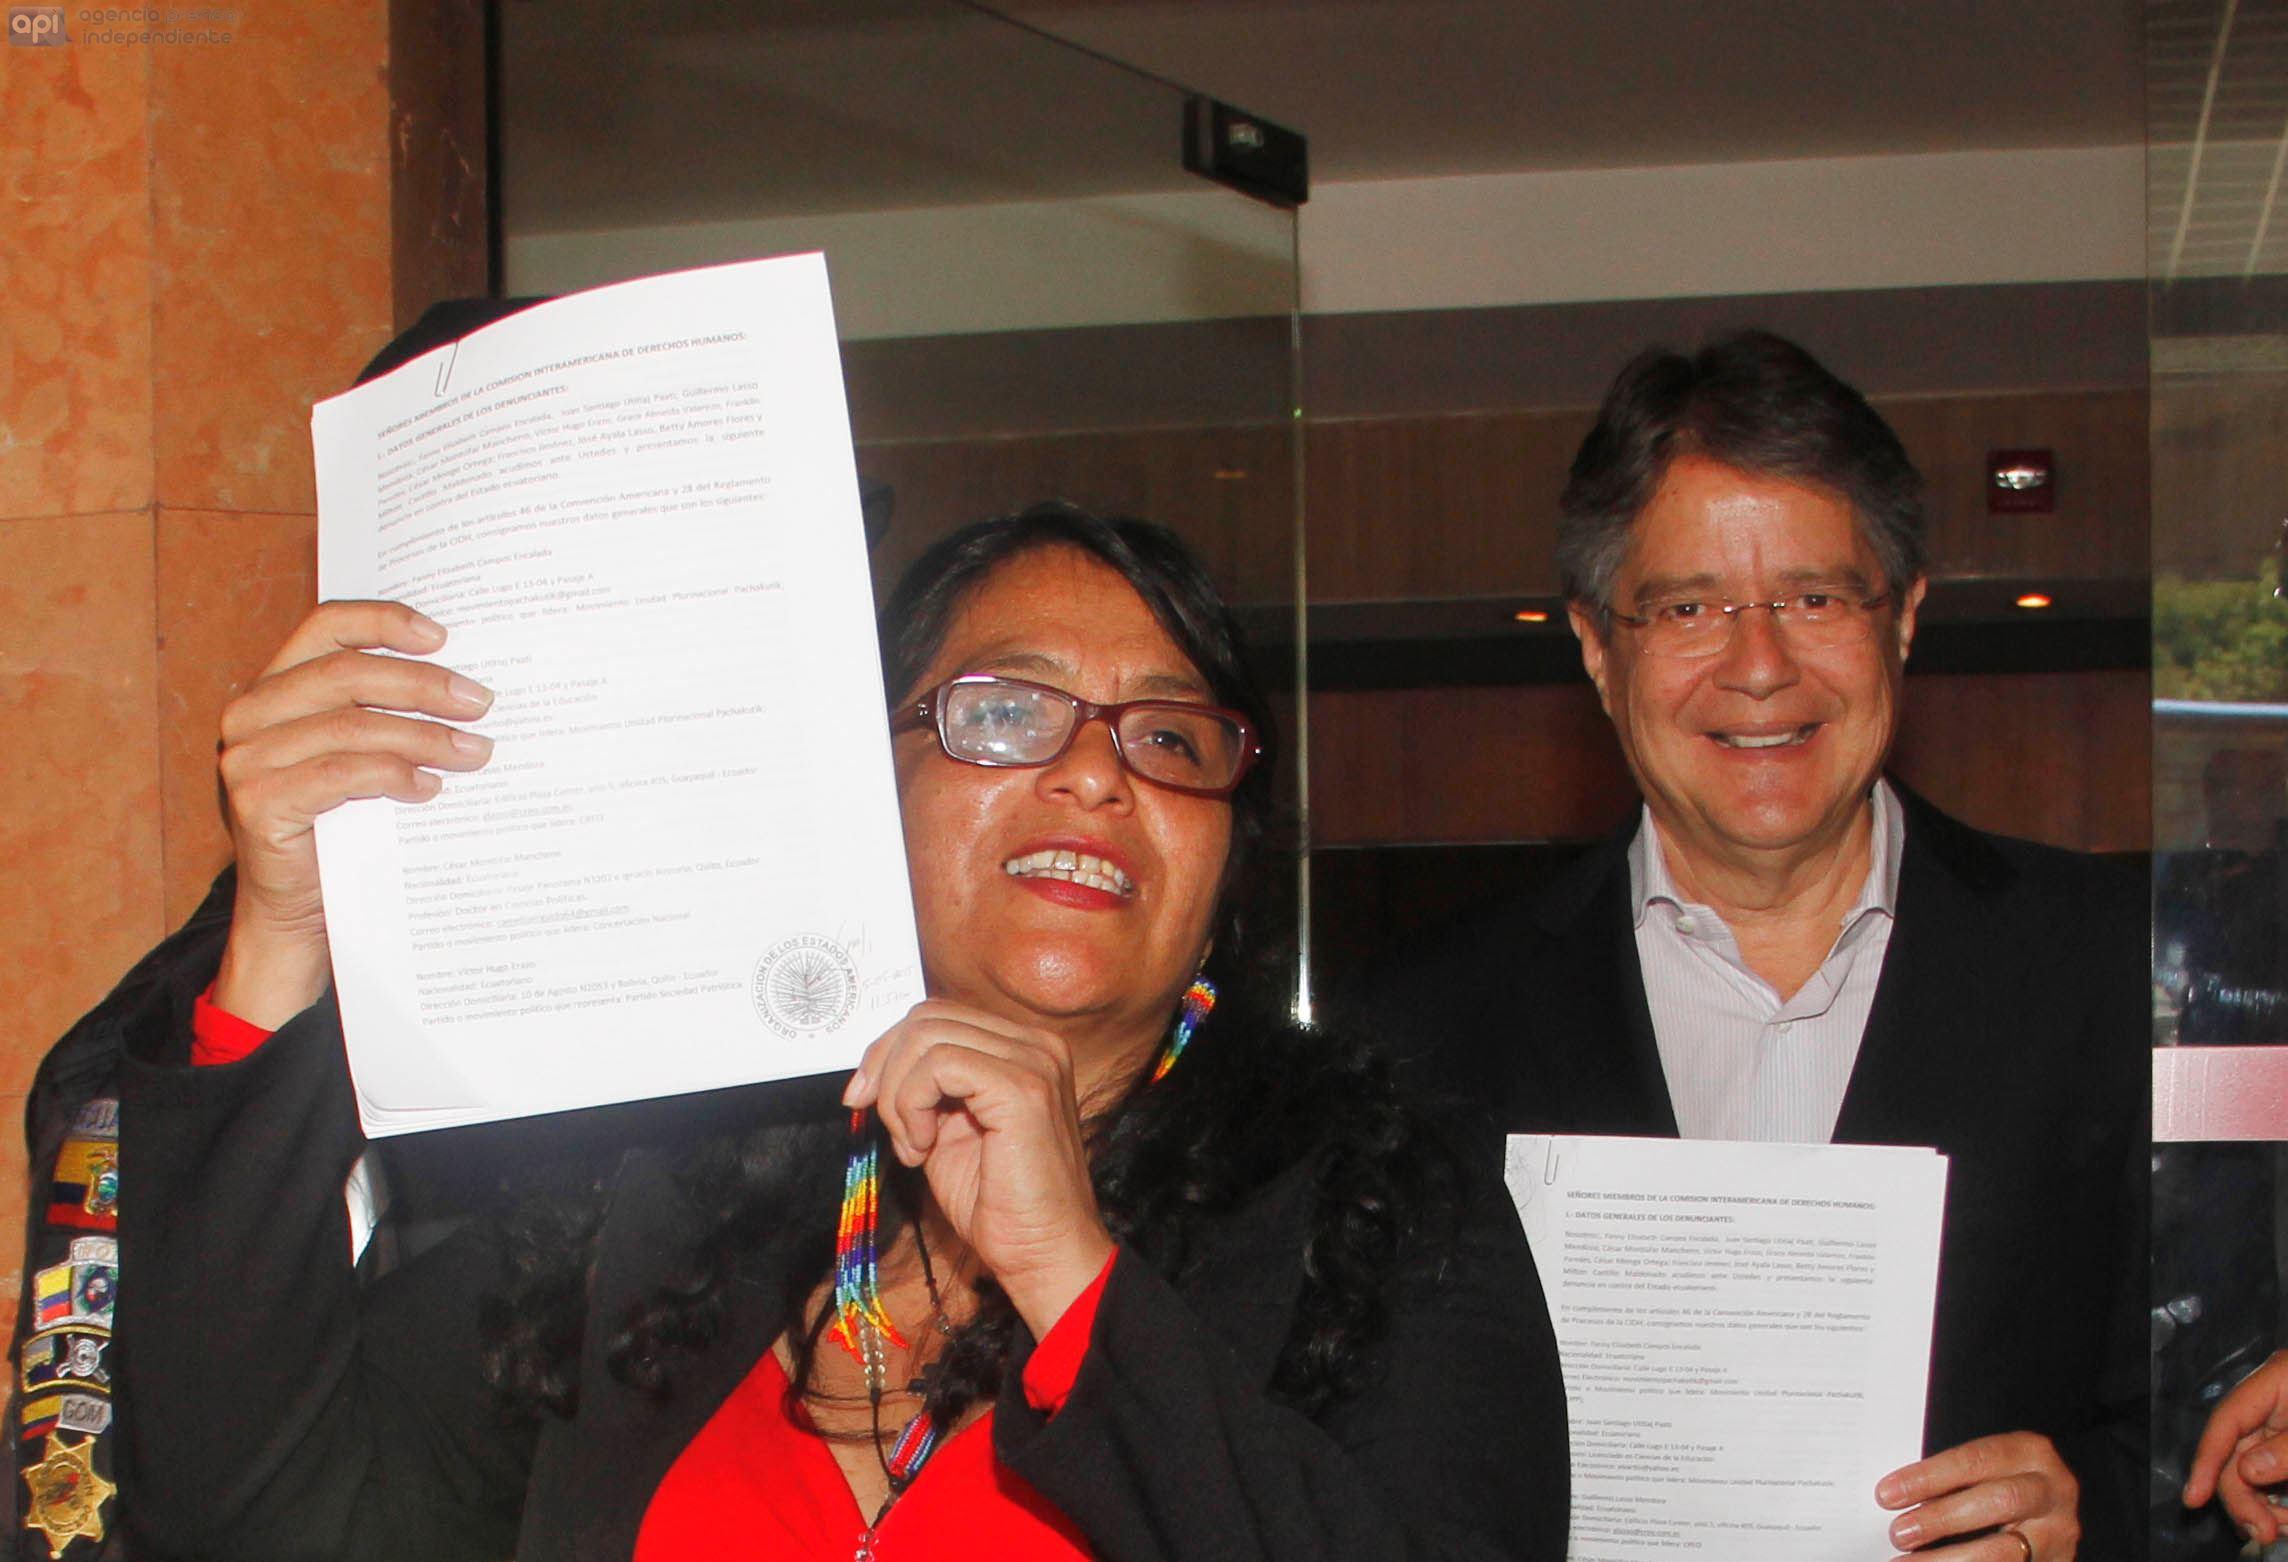 La Coordinadora de Pachakutik, Fanny Campos, y el líder de CREO, Guillermo Lasso, en la sede en Quito de la CIDH, el 5 de mayo de 2015. API